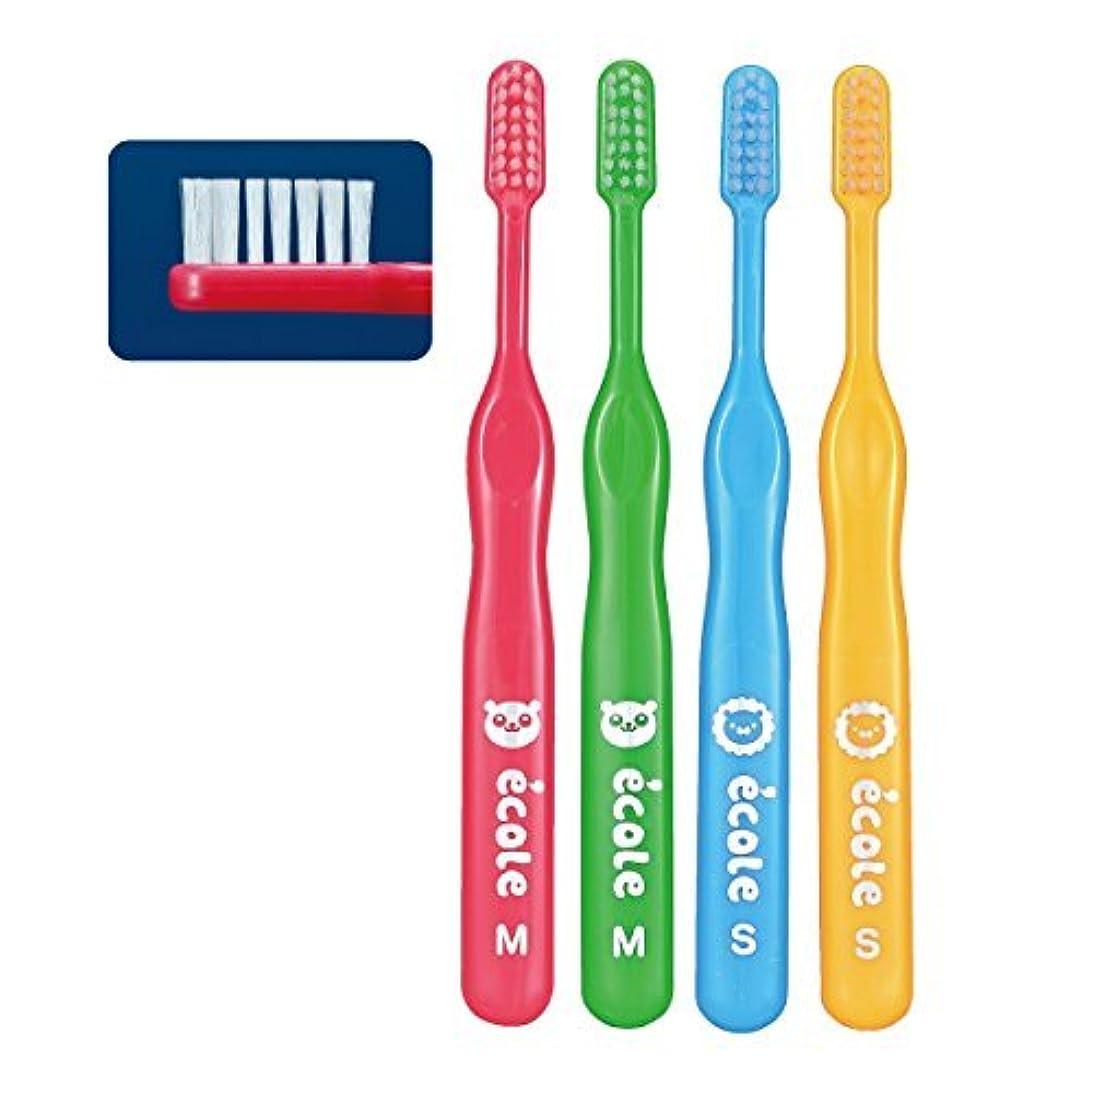 減らす触手ミンチリセラ エコル 幼児~小学生用歯ブラシ Sやわらかめ 40本入り